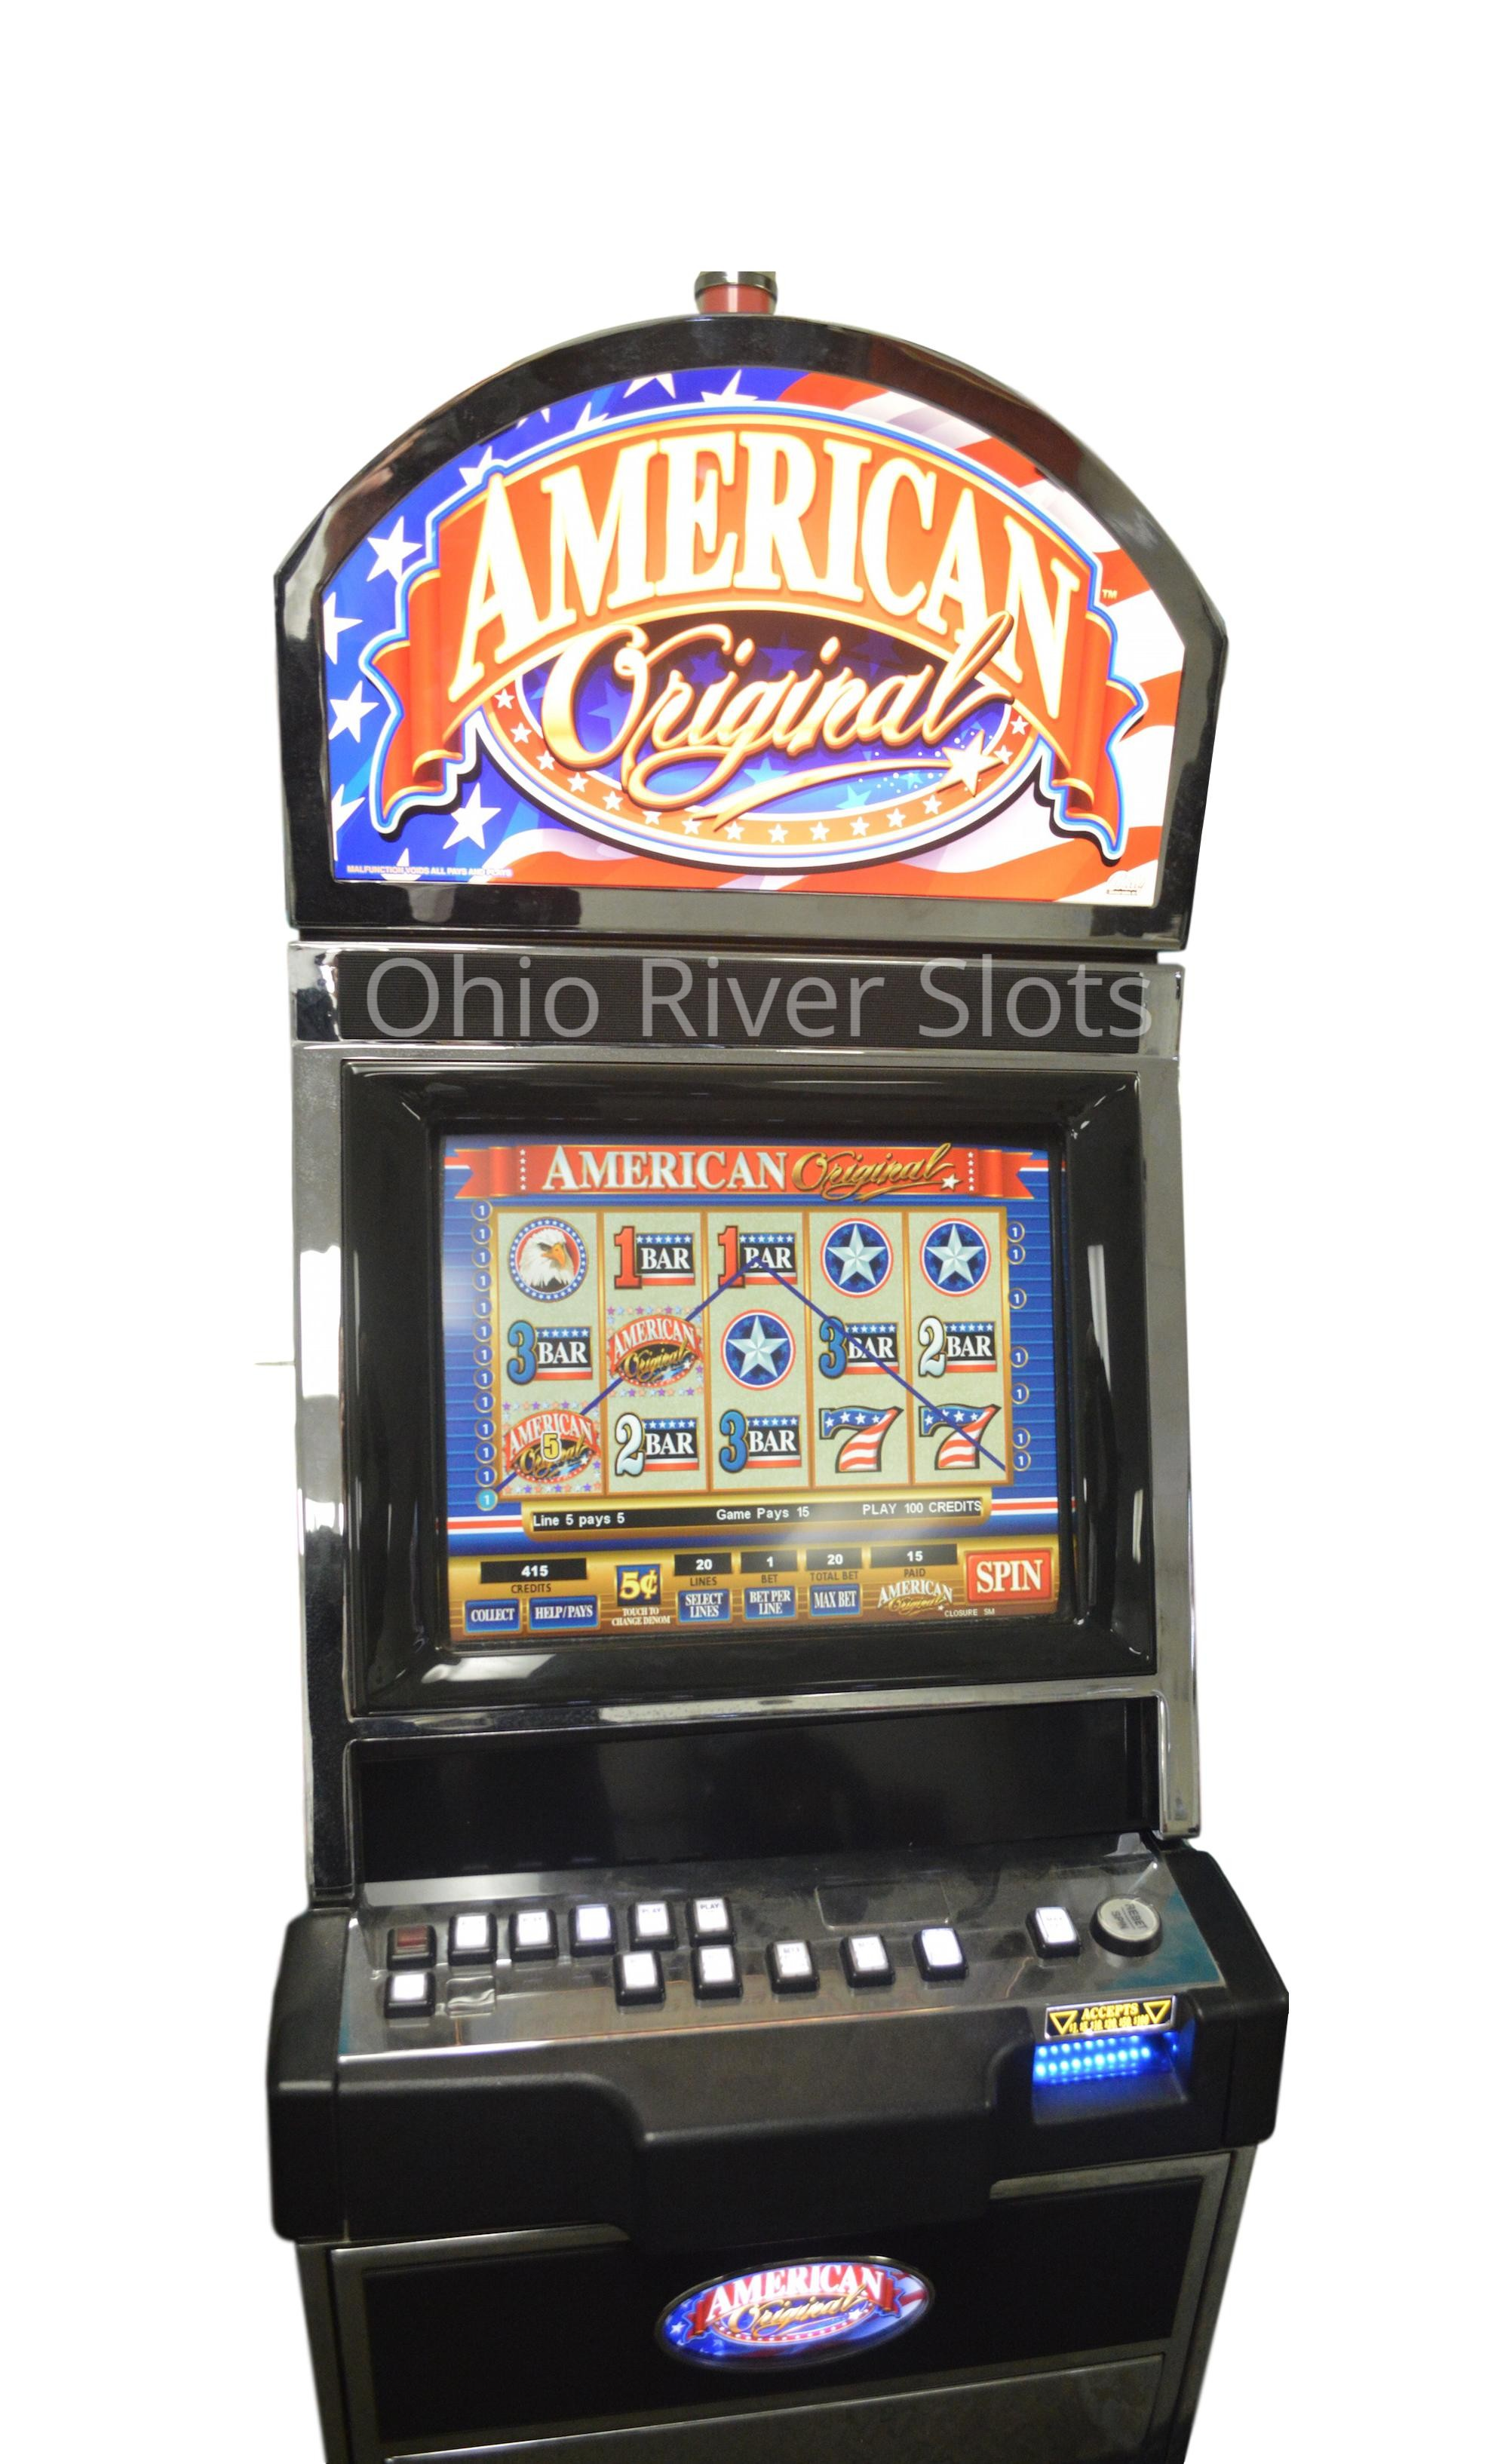 American Original Slots